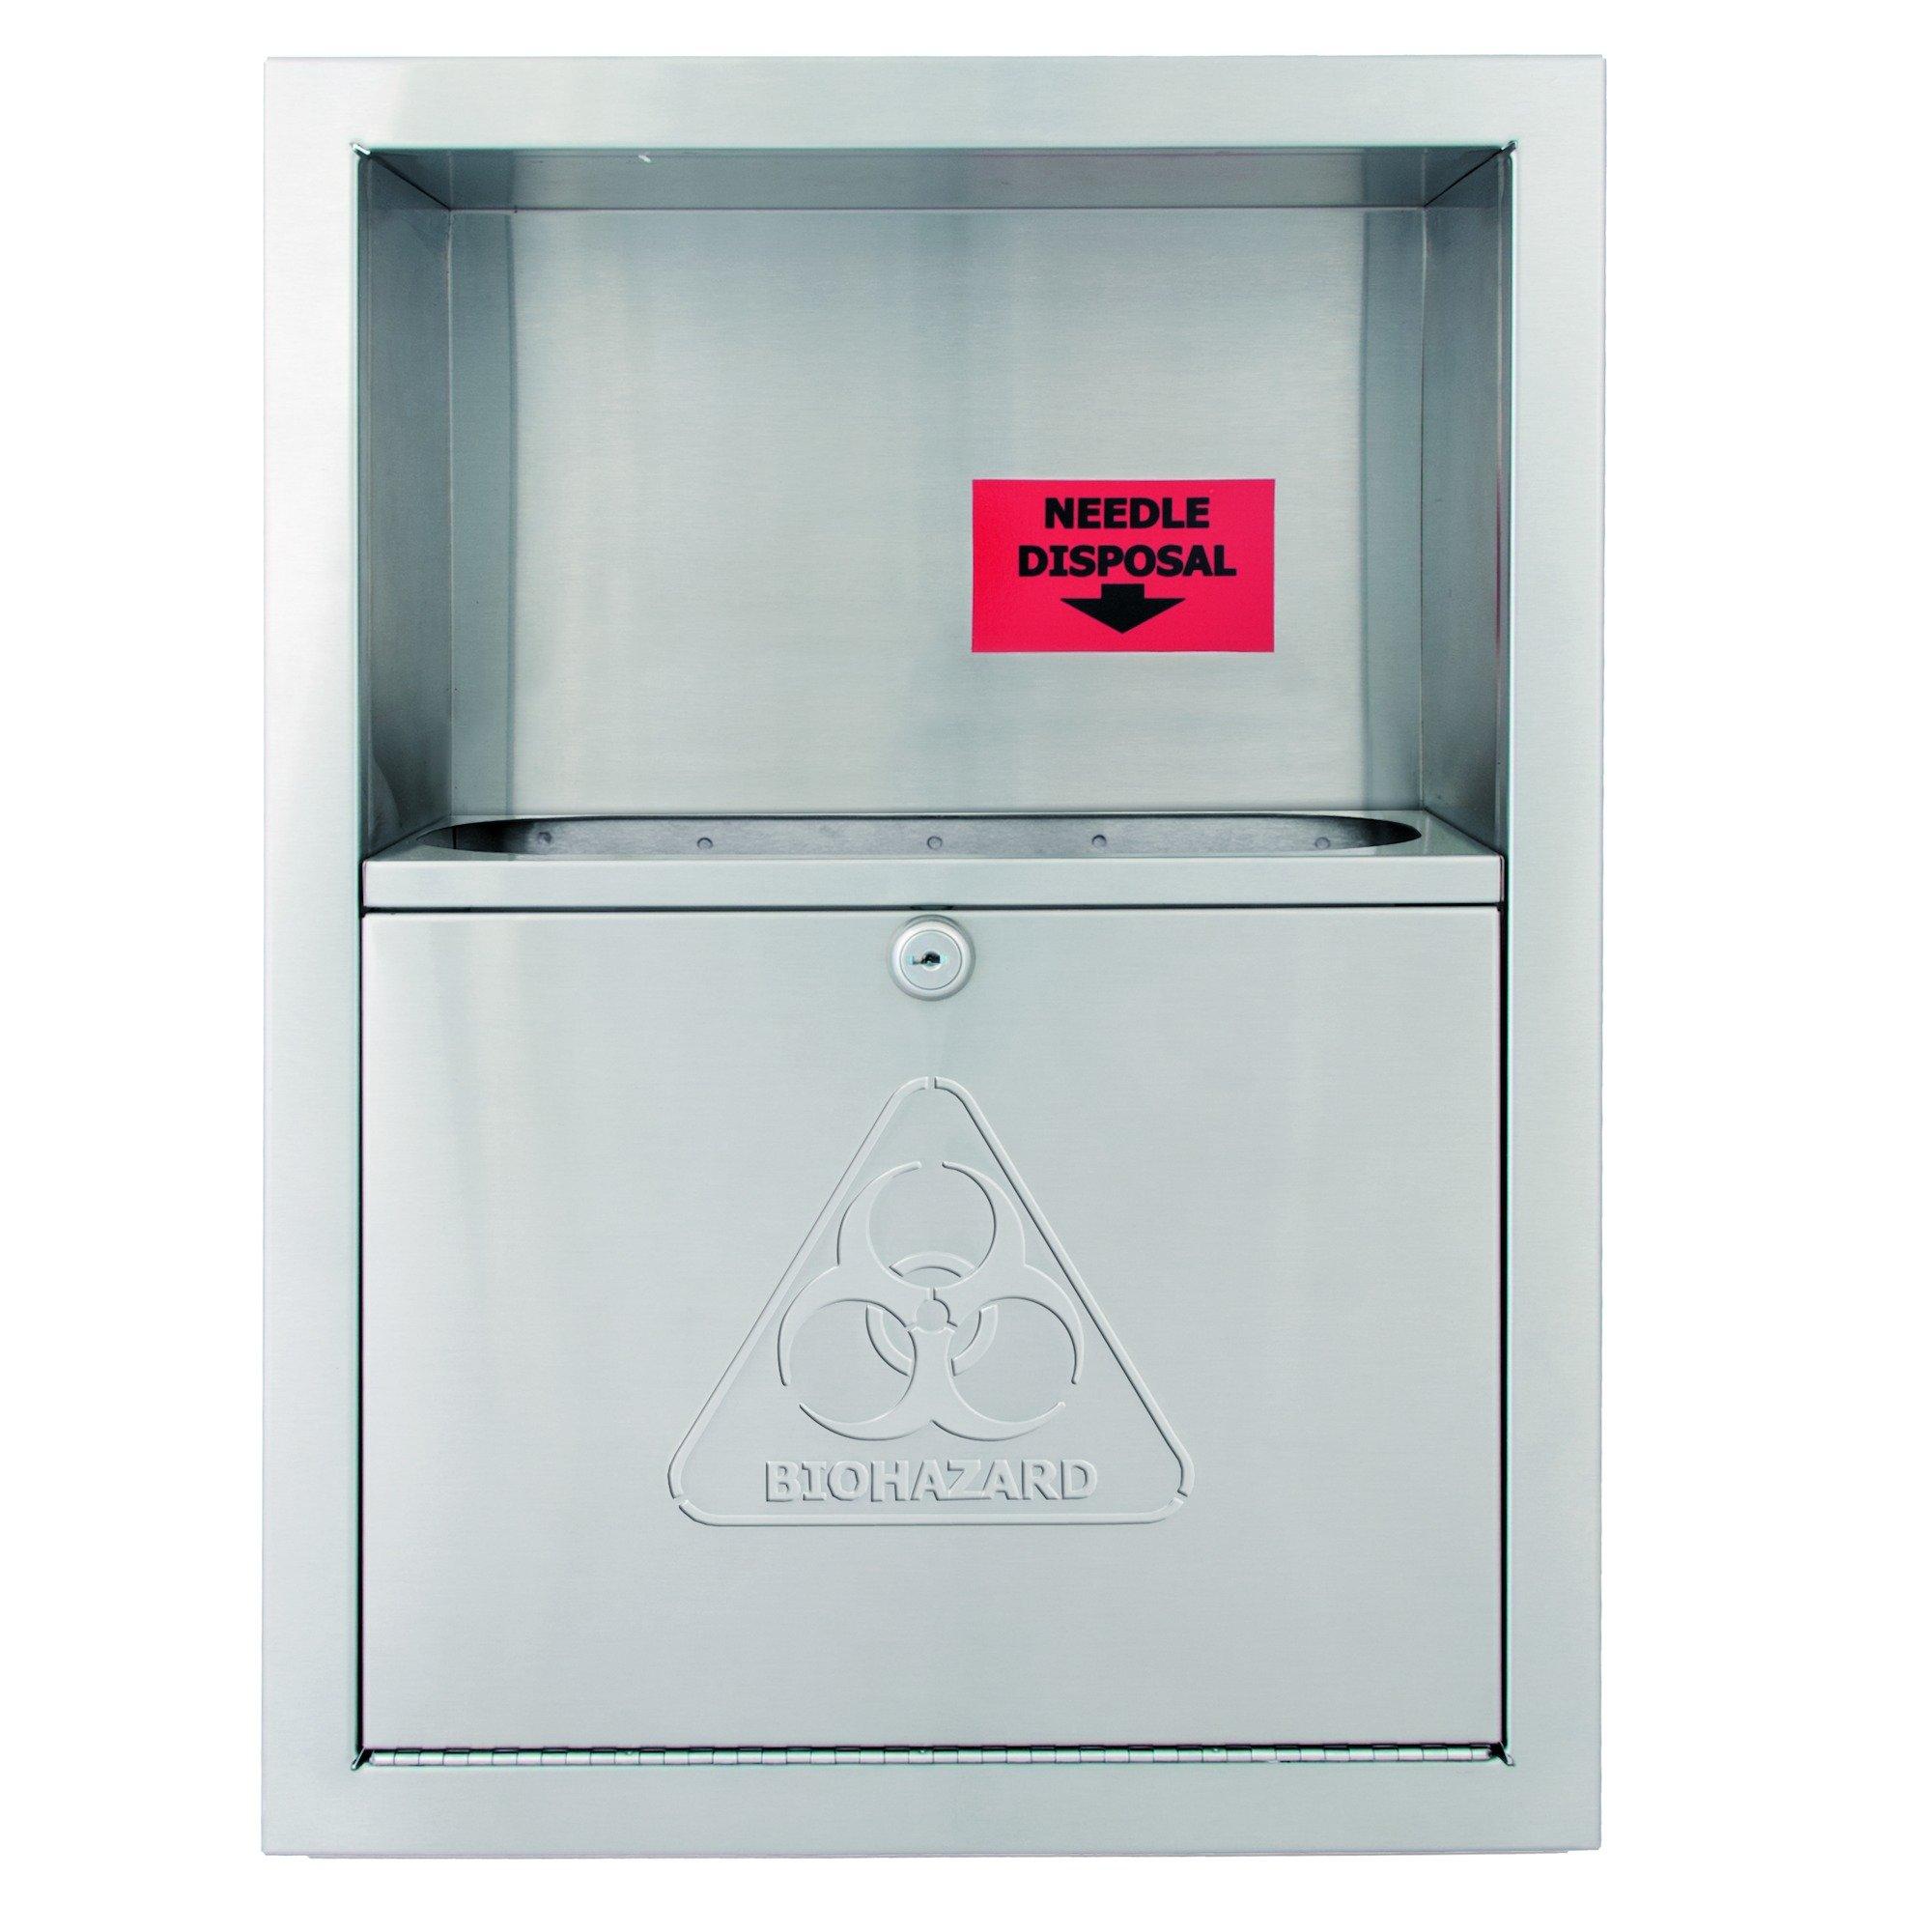 Needle Disposals 989-000000 - Accurate Door & Hardware, Inc